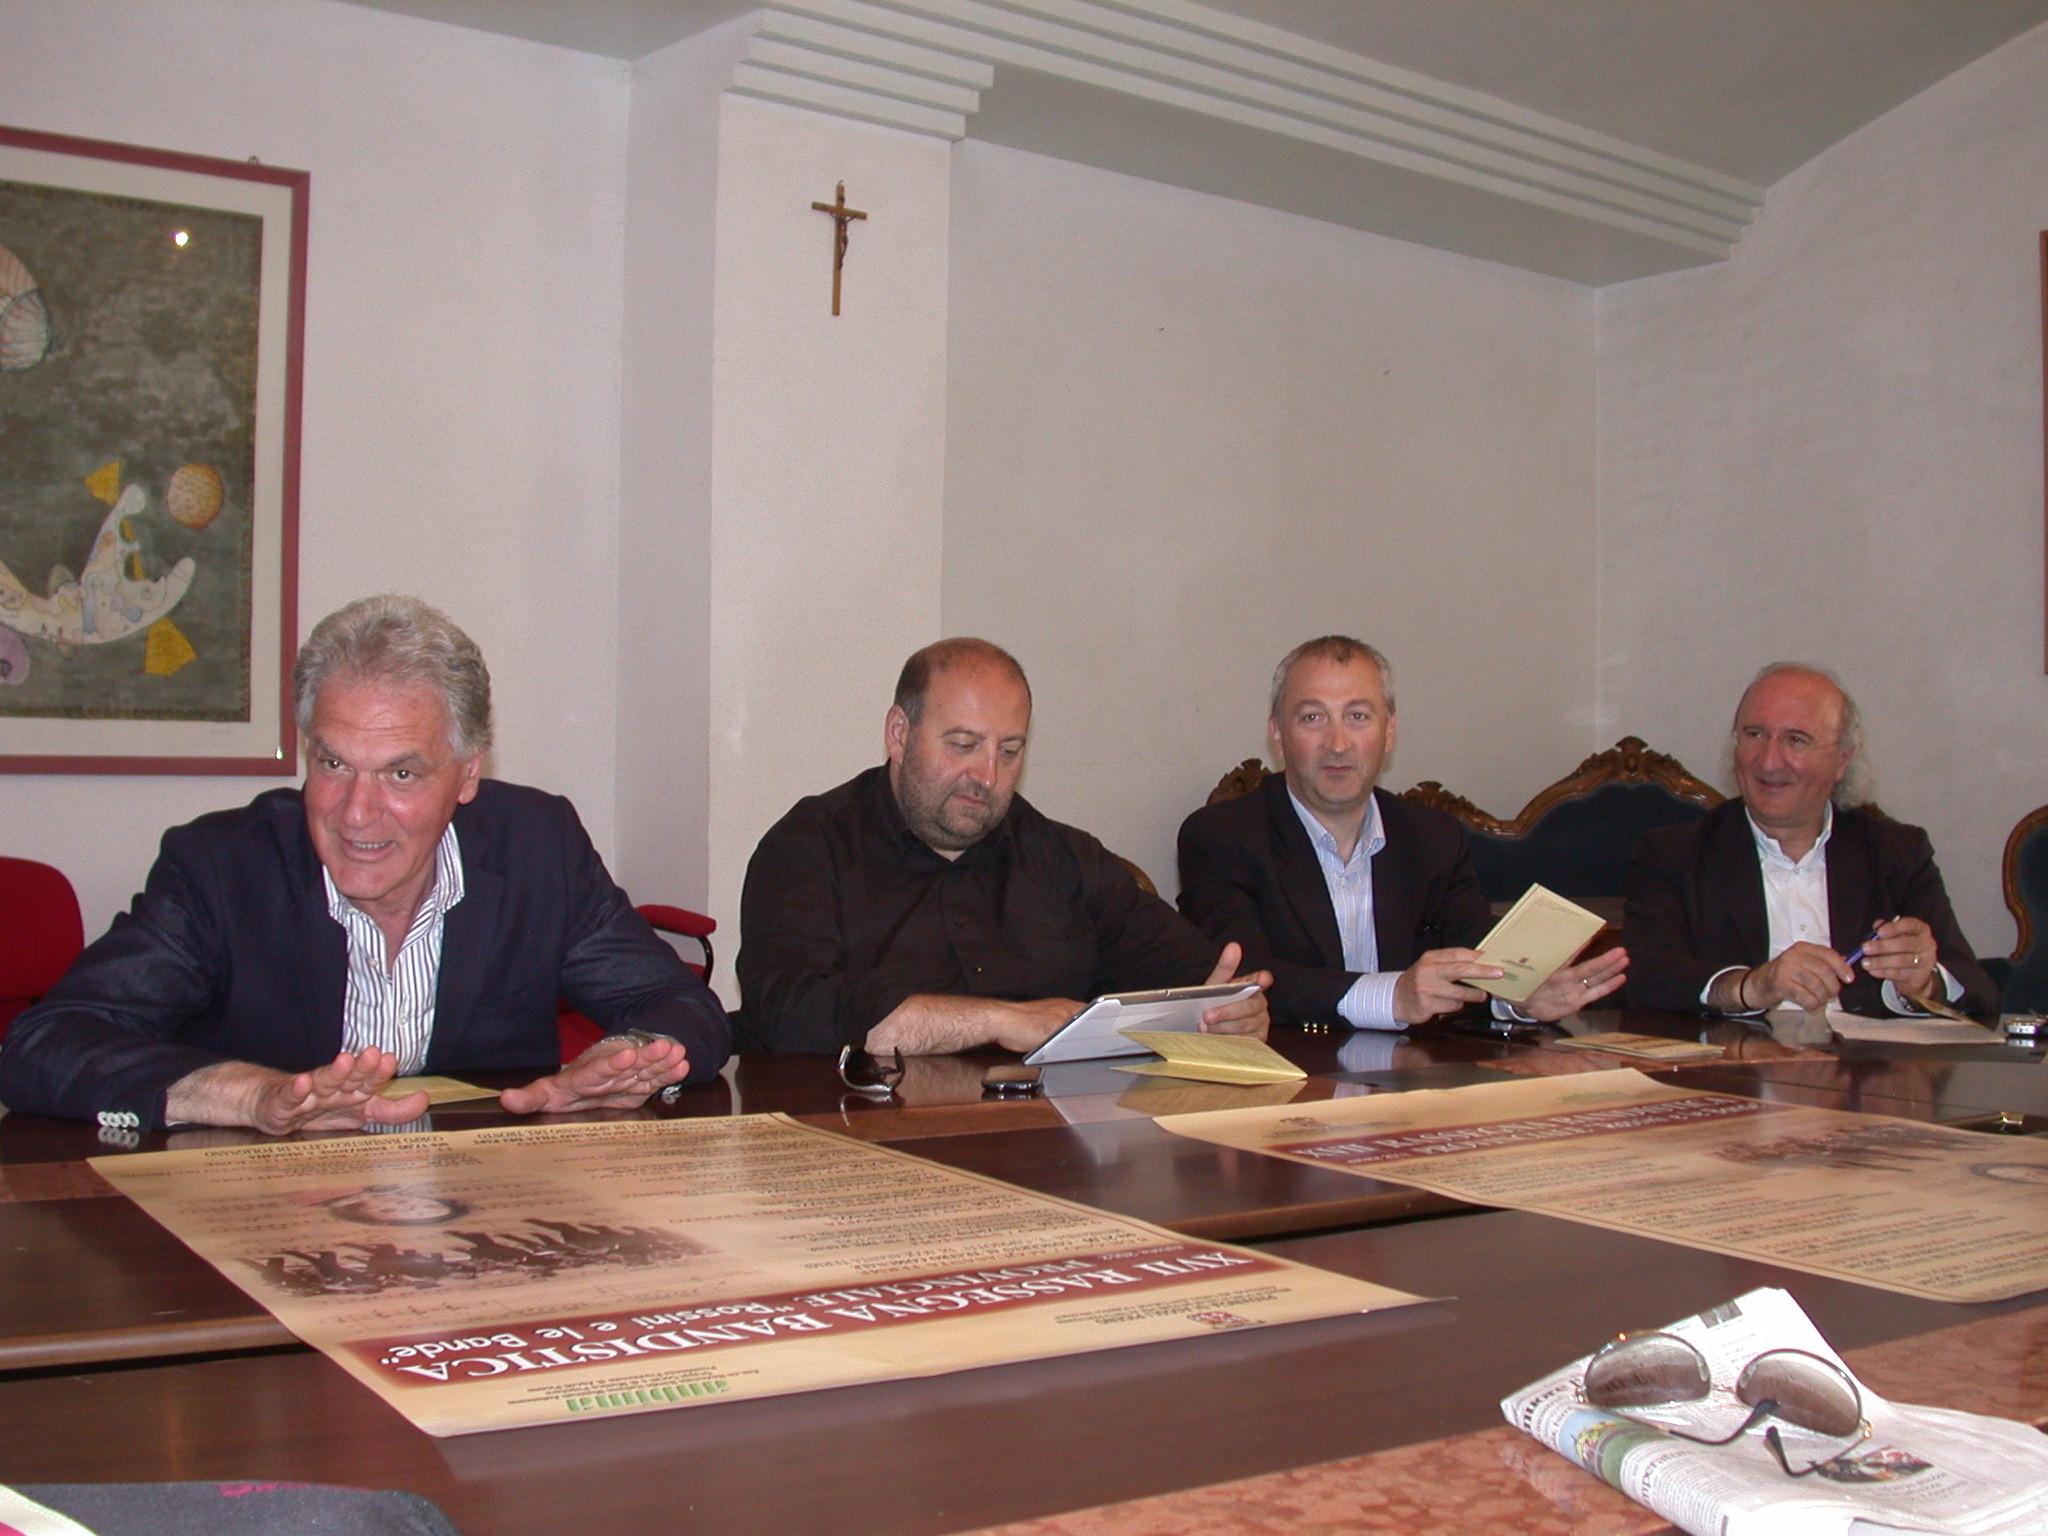 Pres. XVII Rassegna Bandistica Provinciale 2012